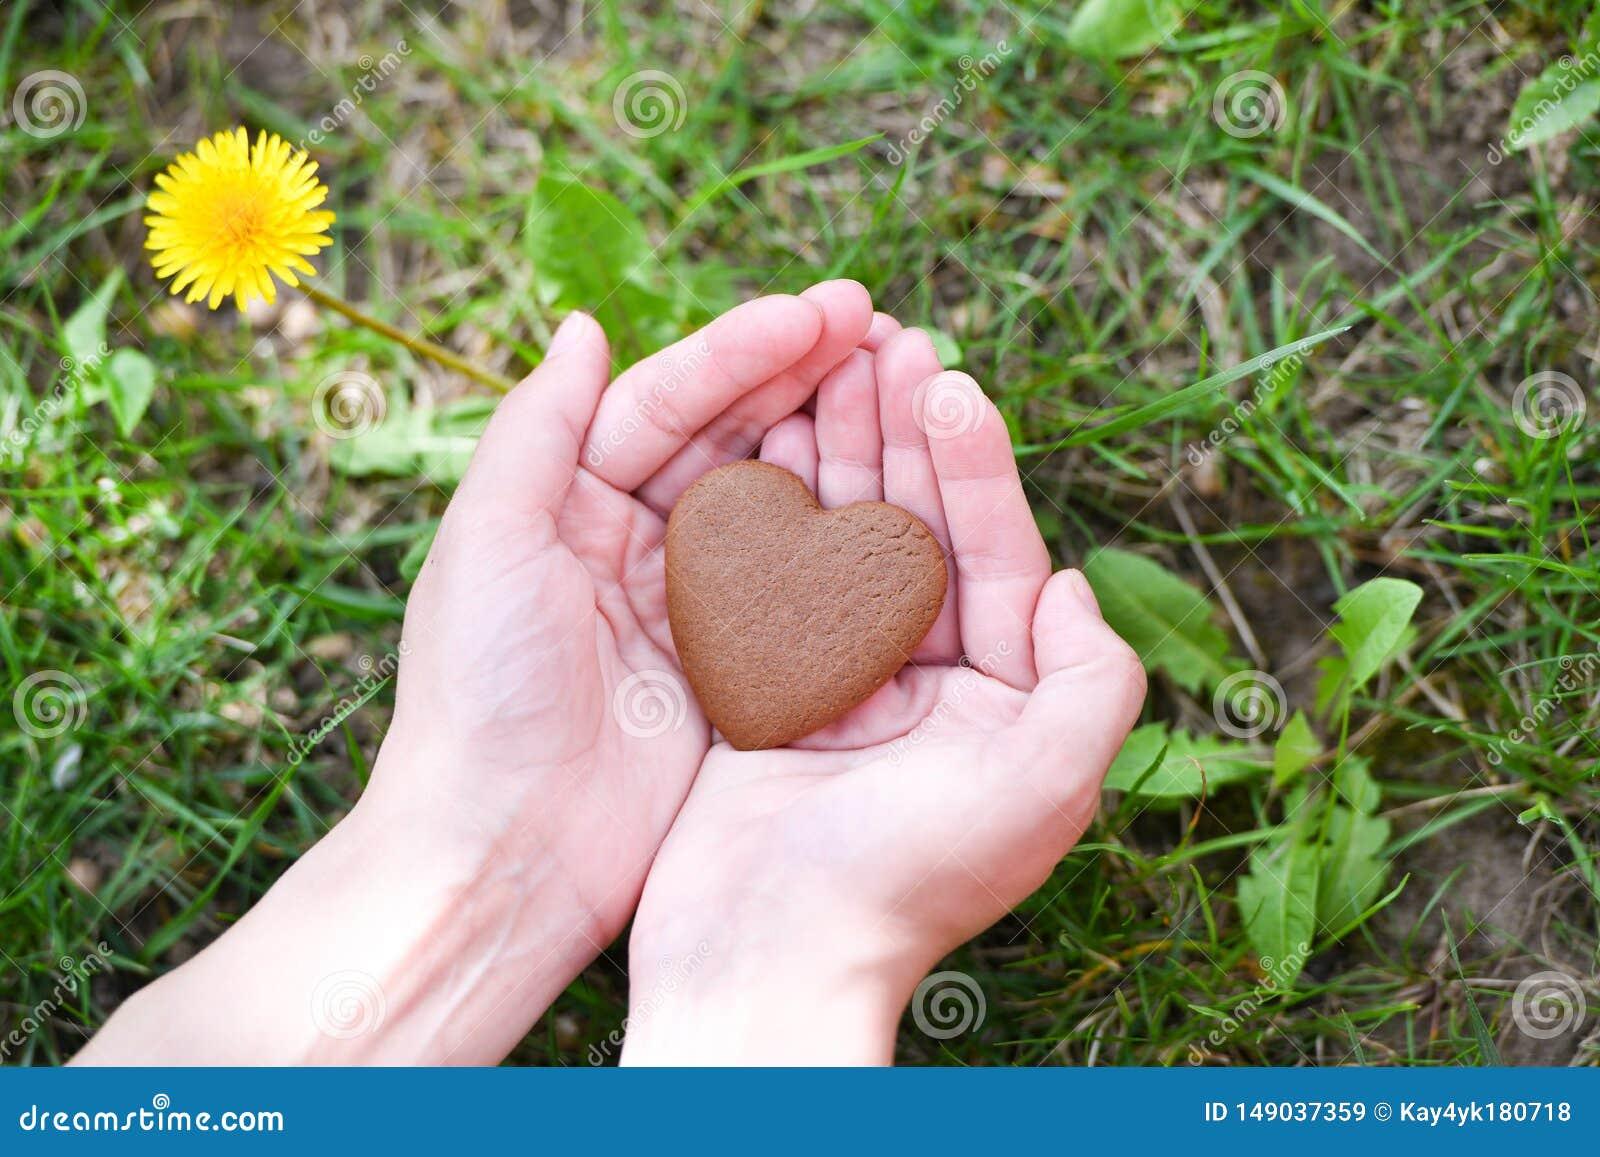 Concetto di giorno del ` s del biglietto di S. Valentino e di amore mano maschio nella forma di cuore sul fondo del campo di erba